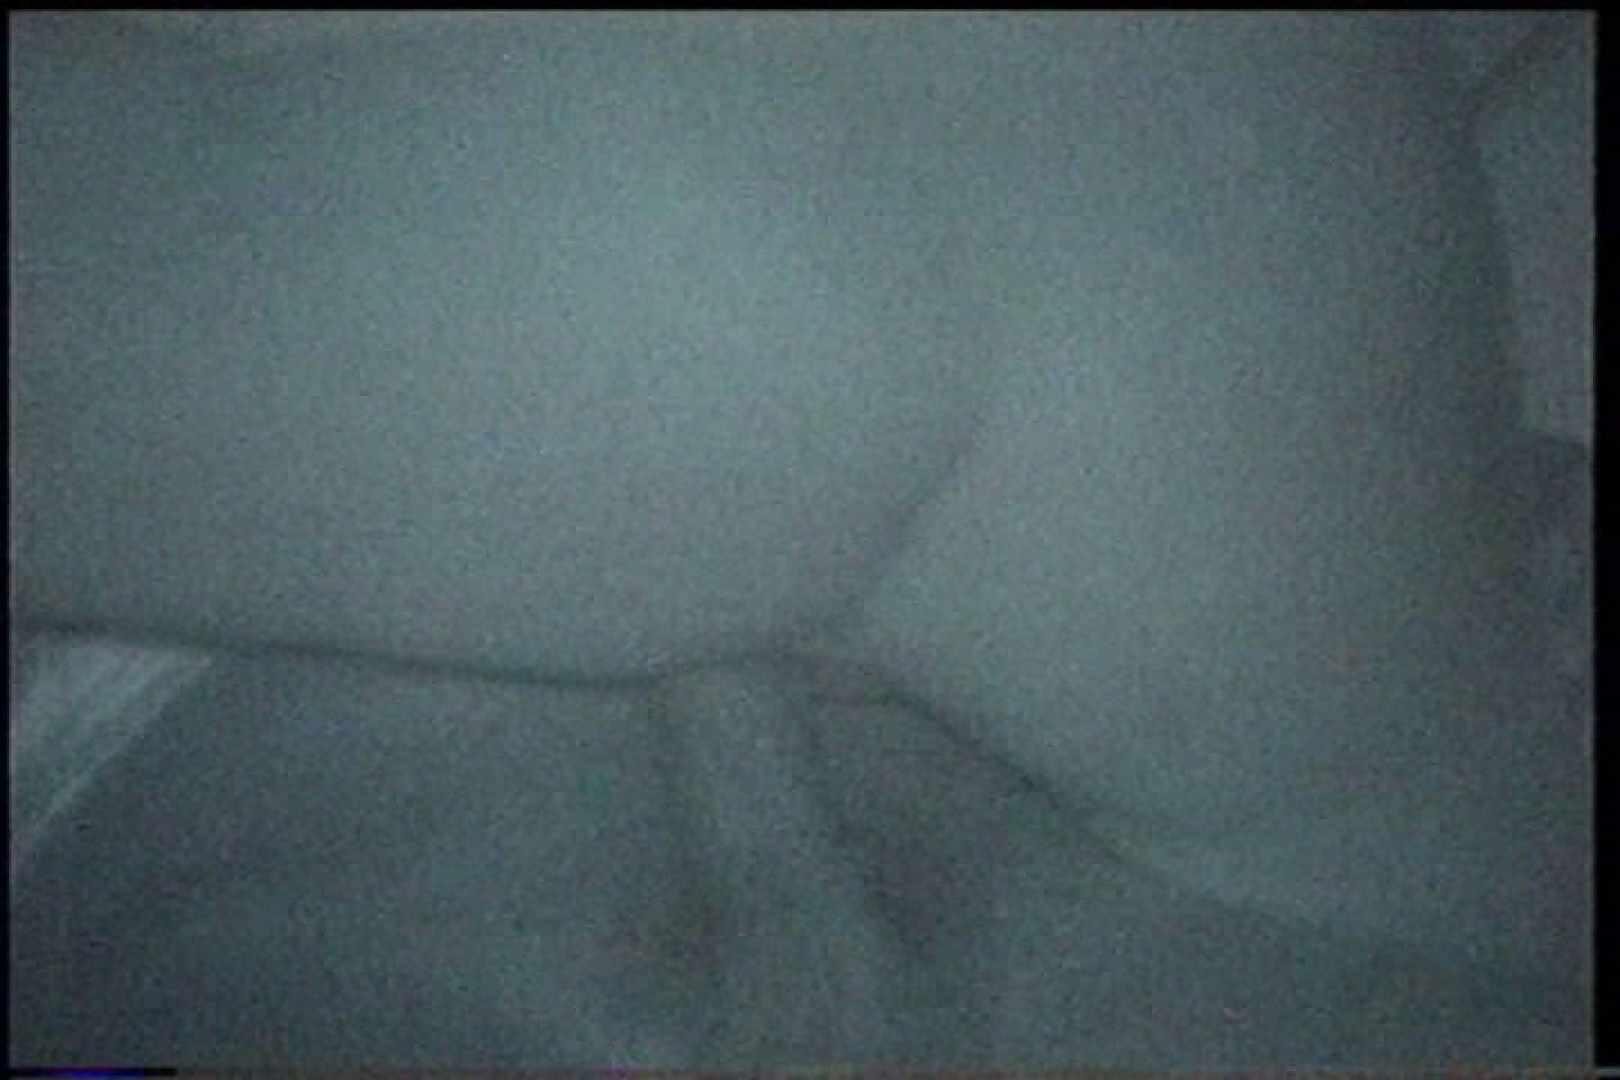 充血監督の深夜の運動会Vol.197 エッチなセックス   エロティックなOL  107画像 64